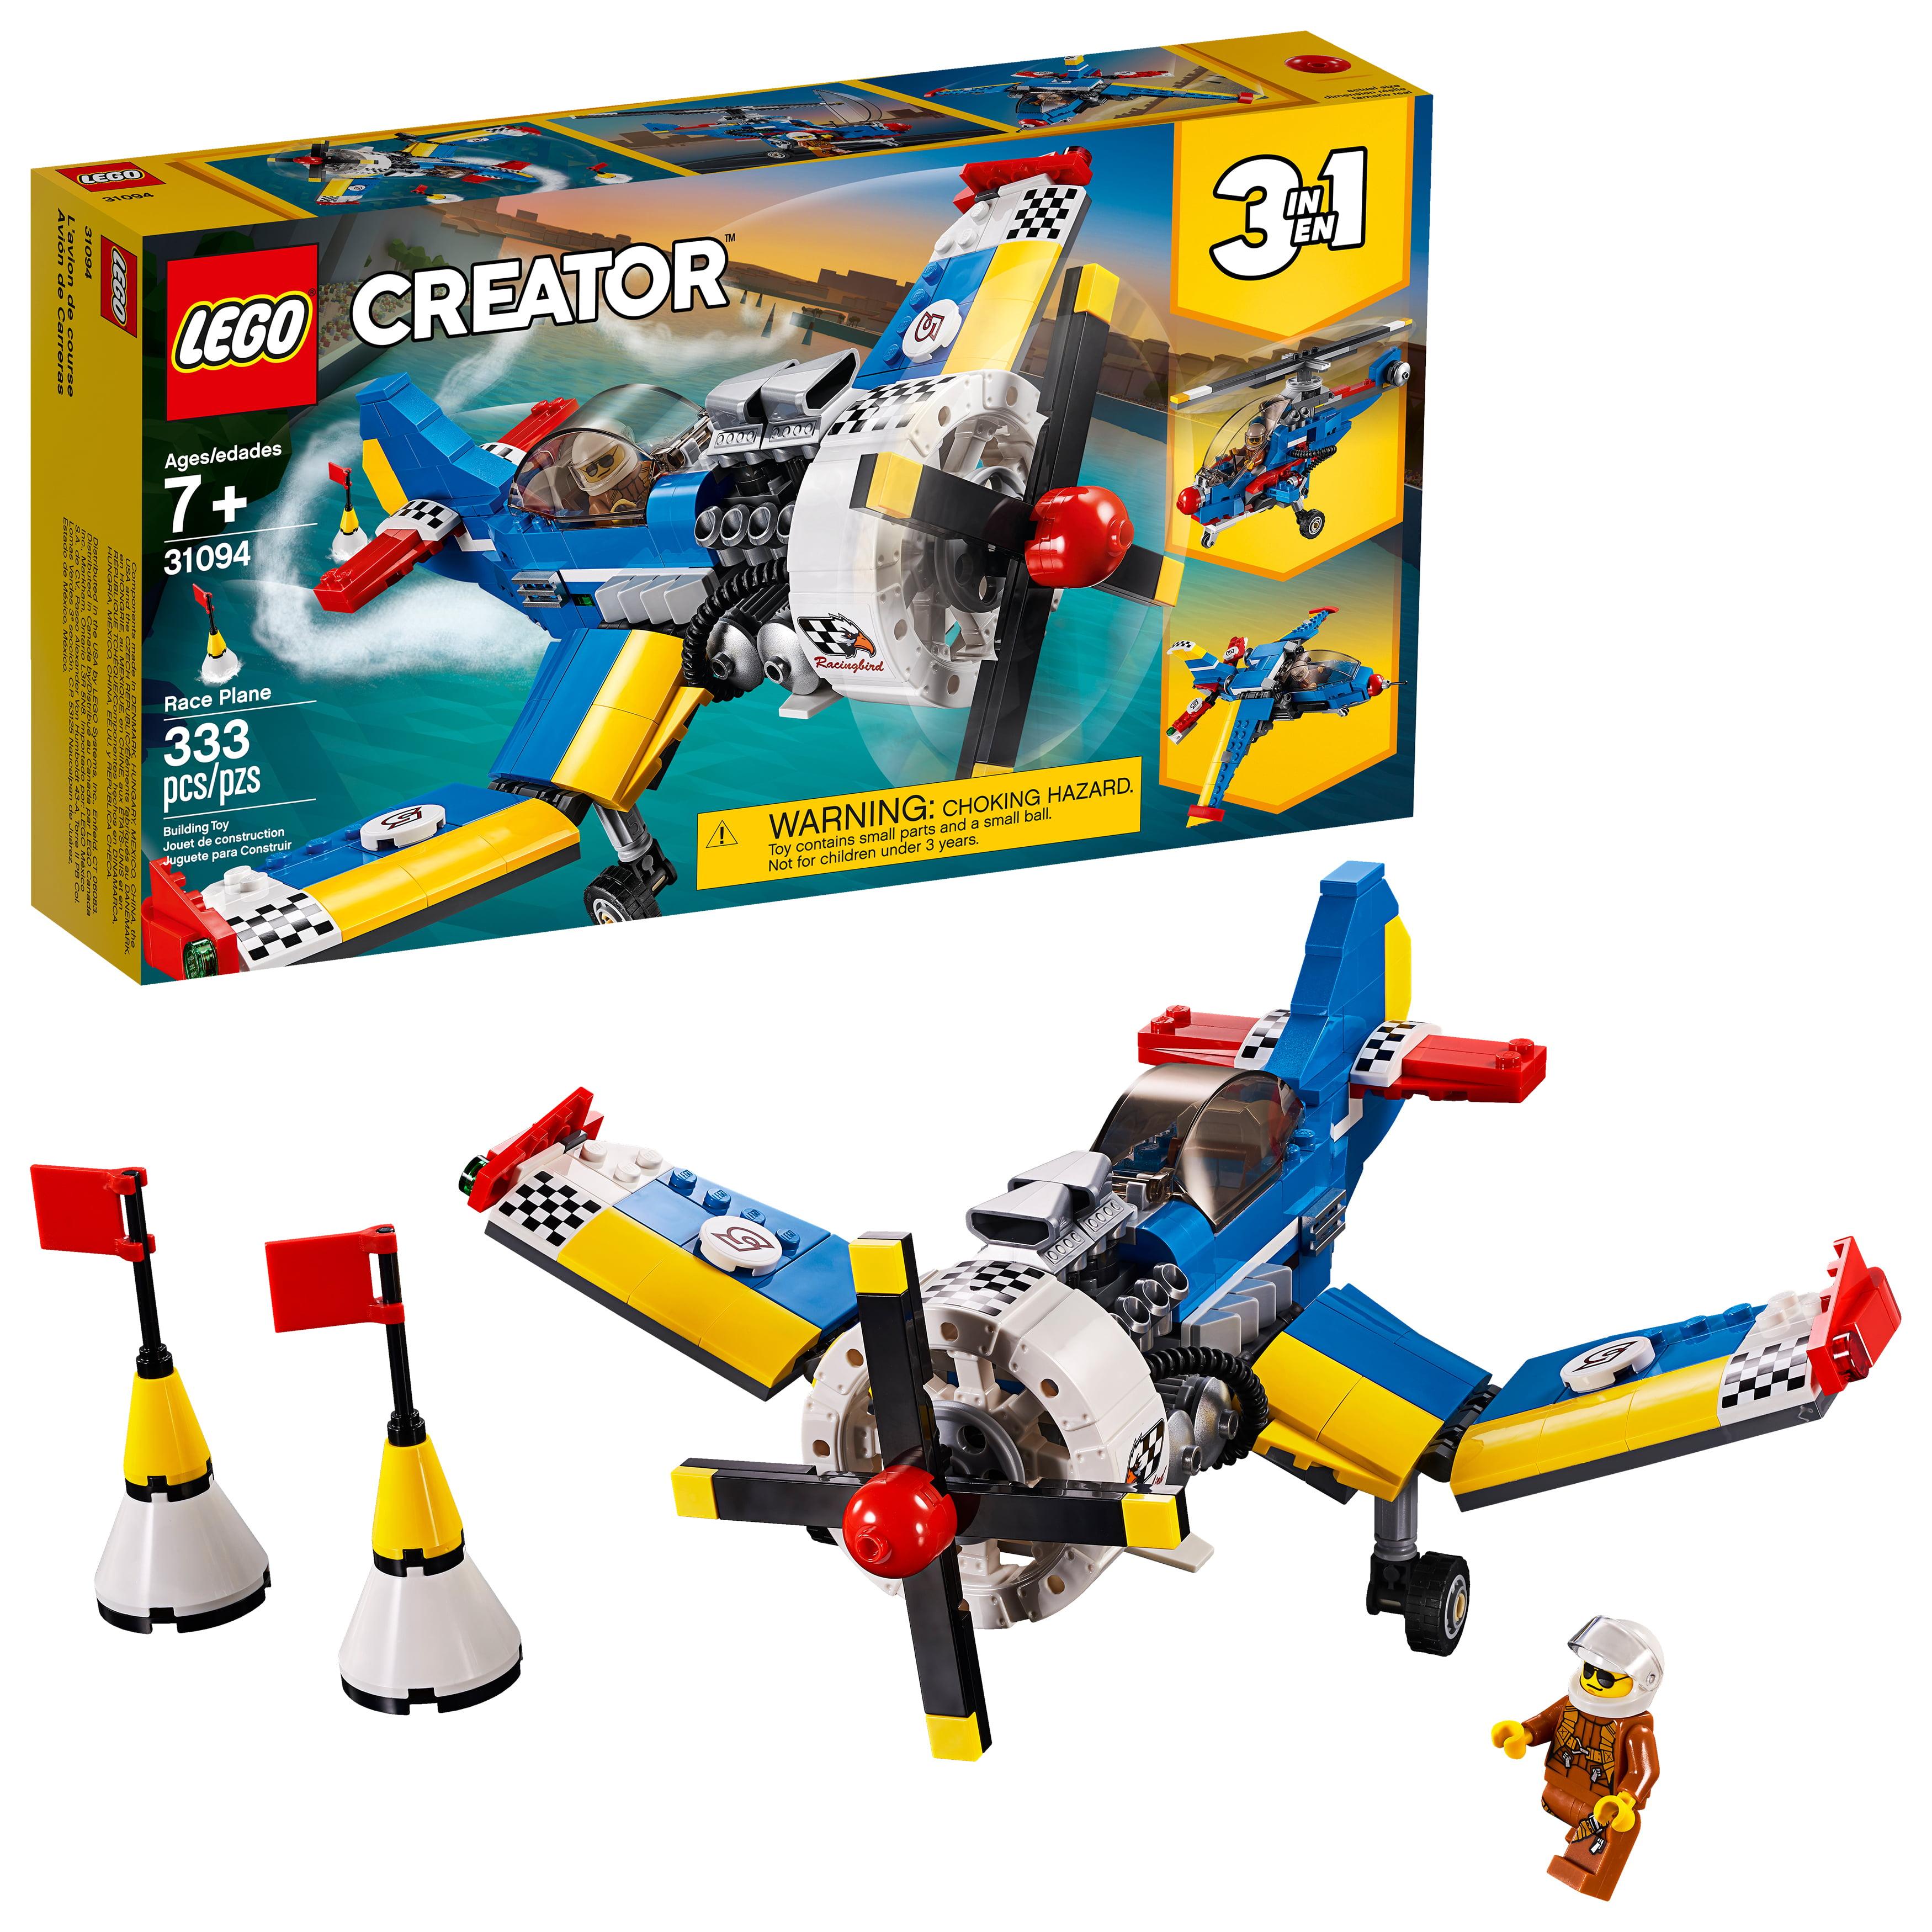 Lego Creator Race Plane 31094 by LEGO System Inc